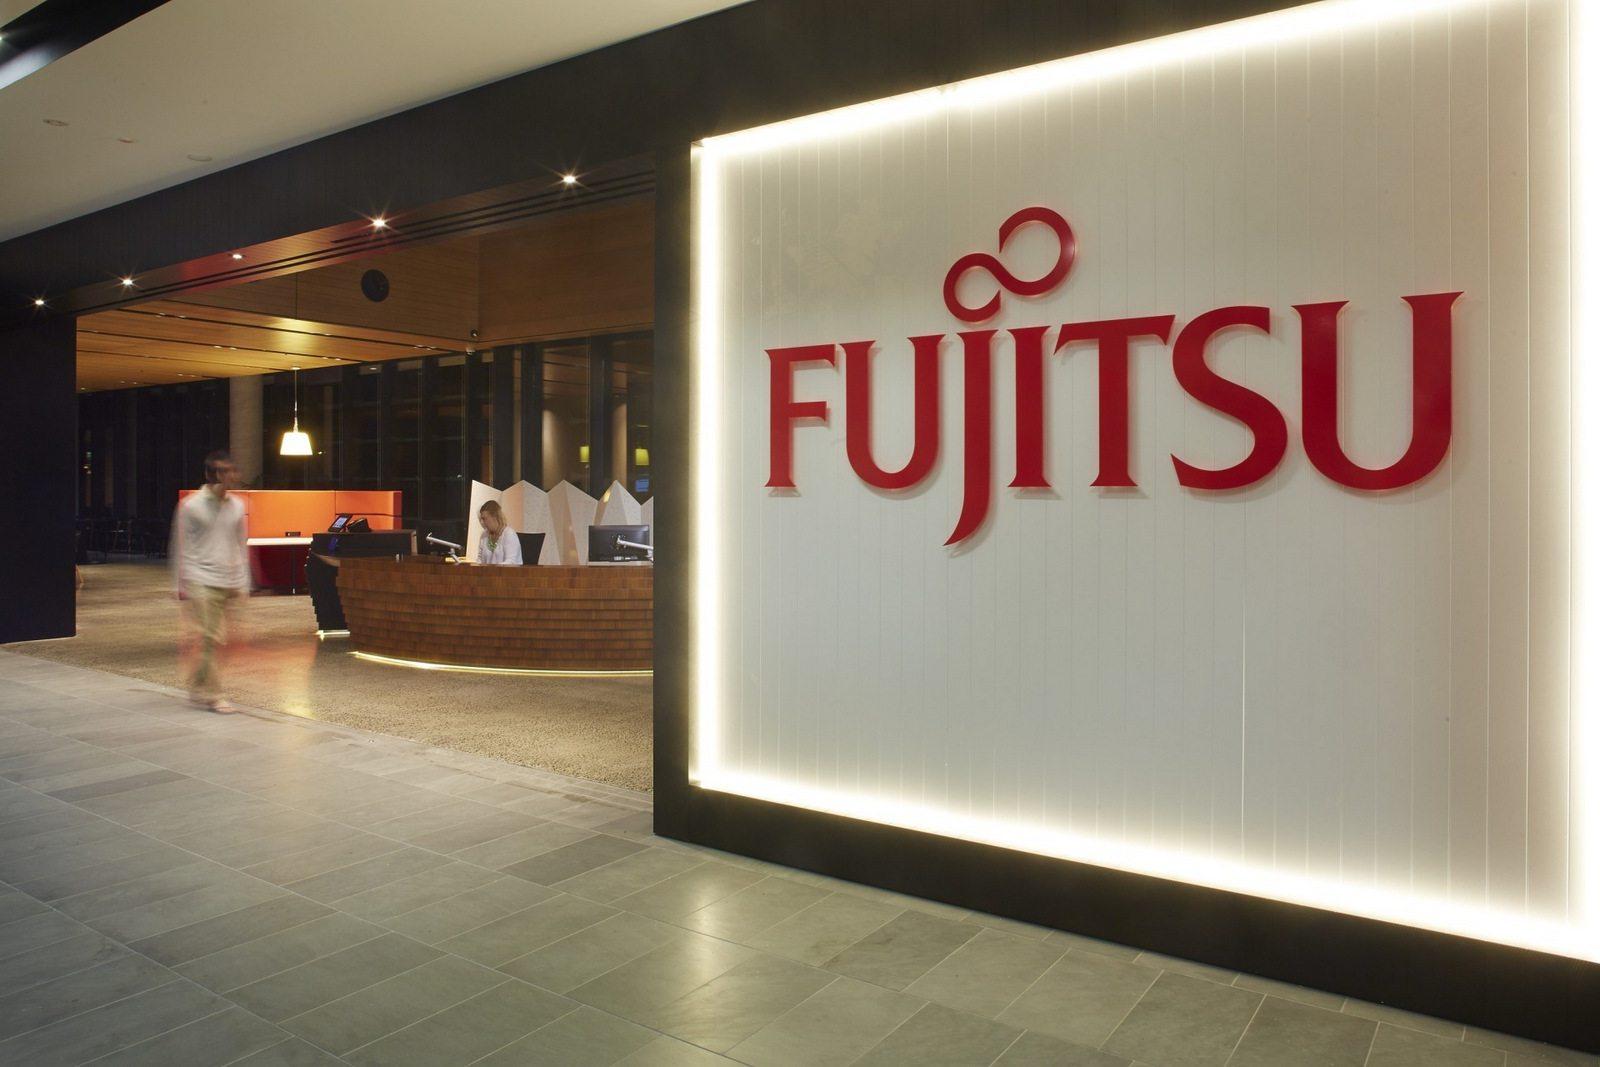 Атаковавшие Fujitsu хакеры искали сведения об инфраструктуре и энергосекторе